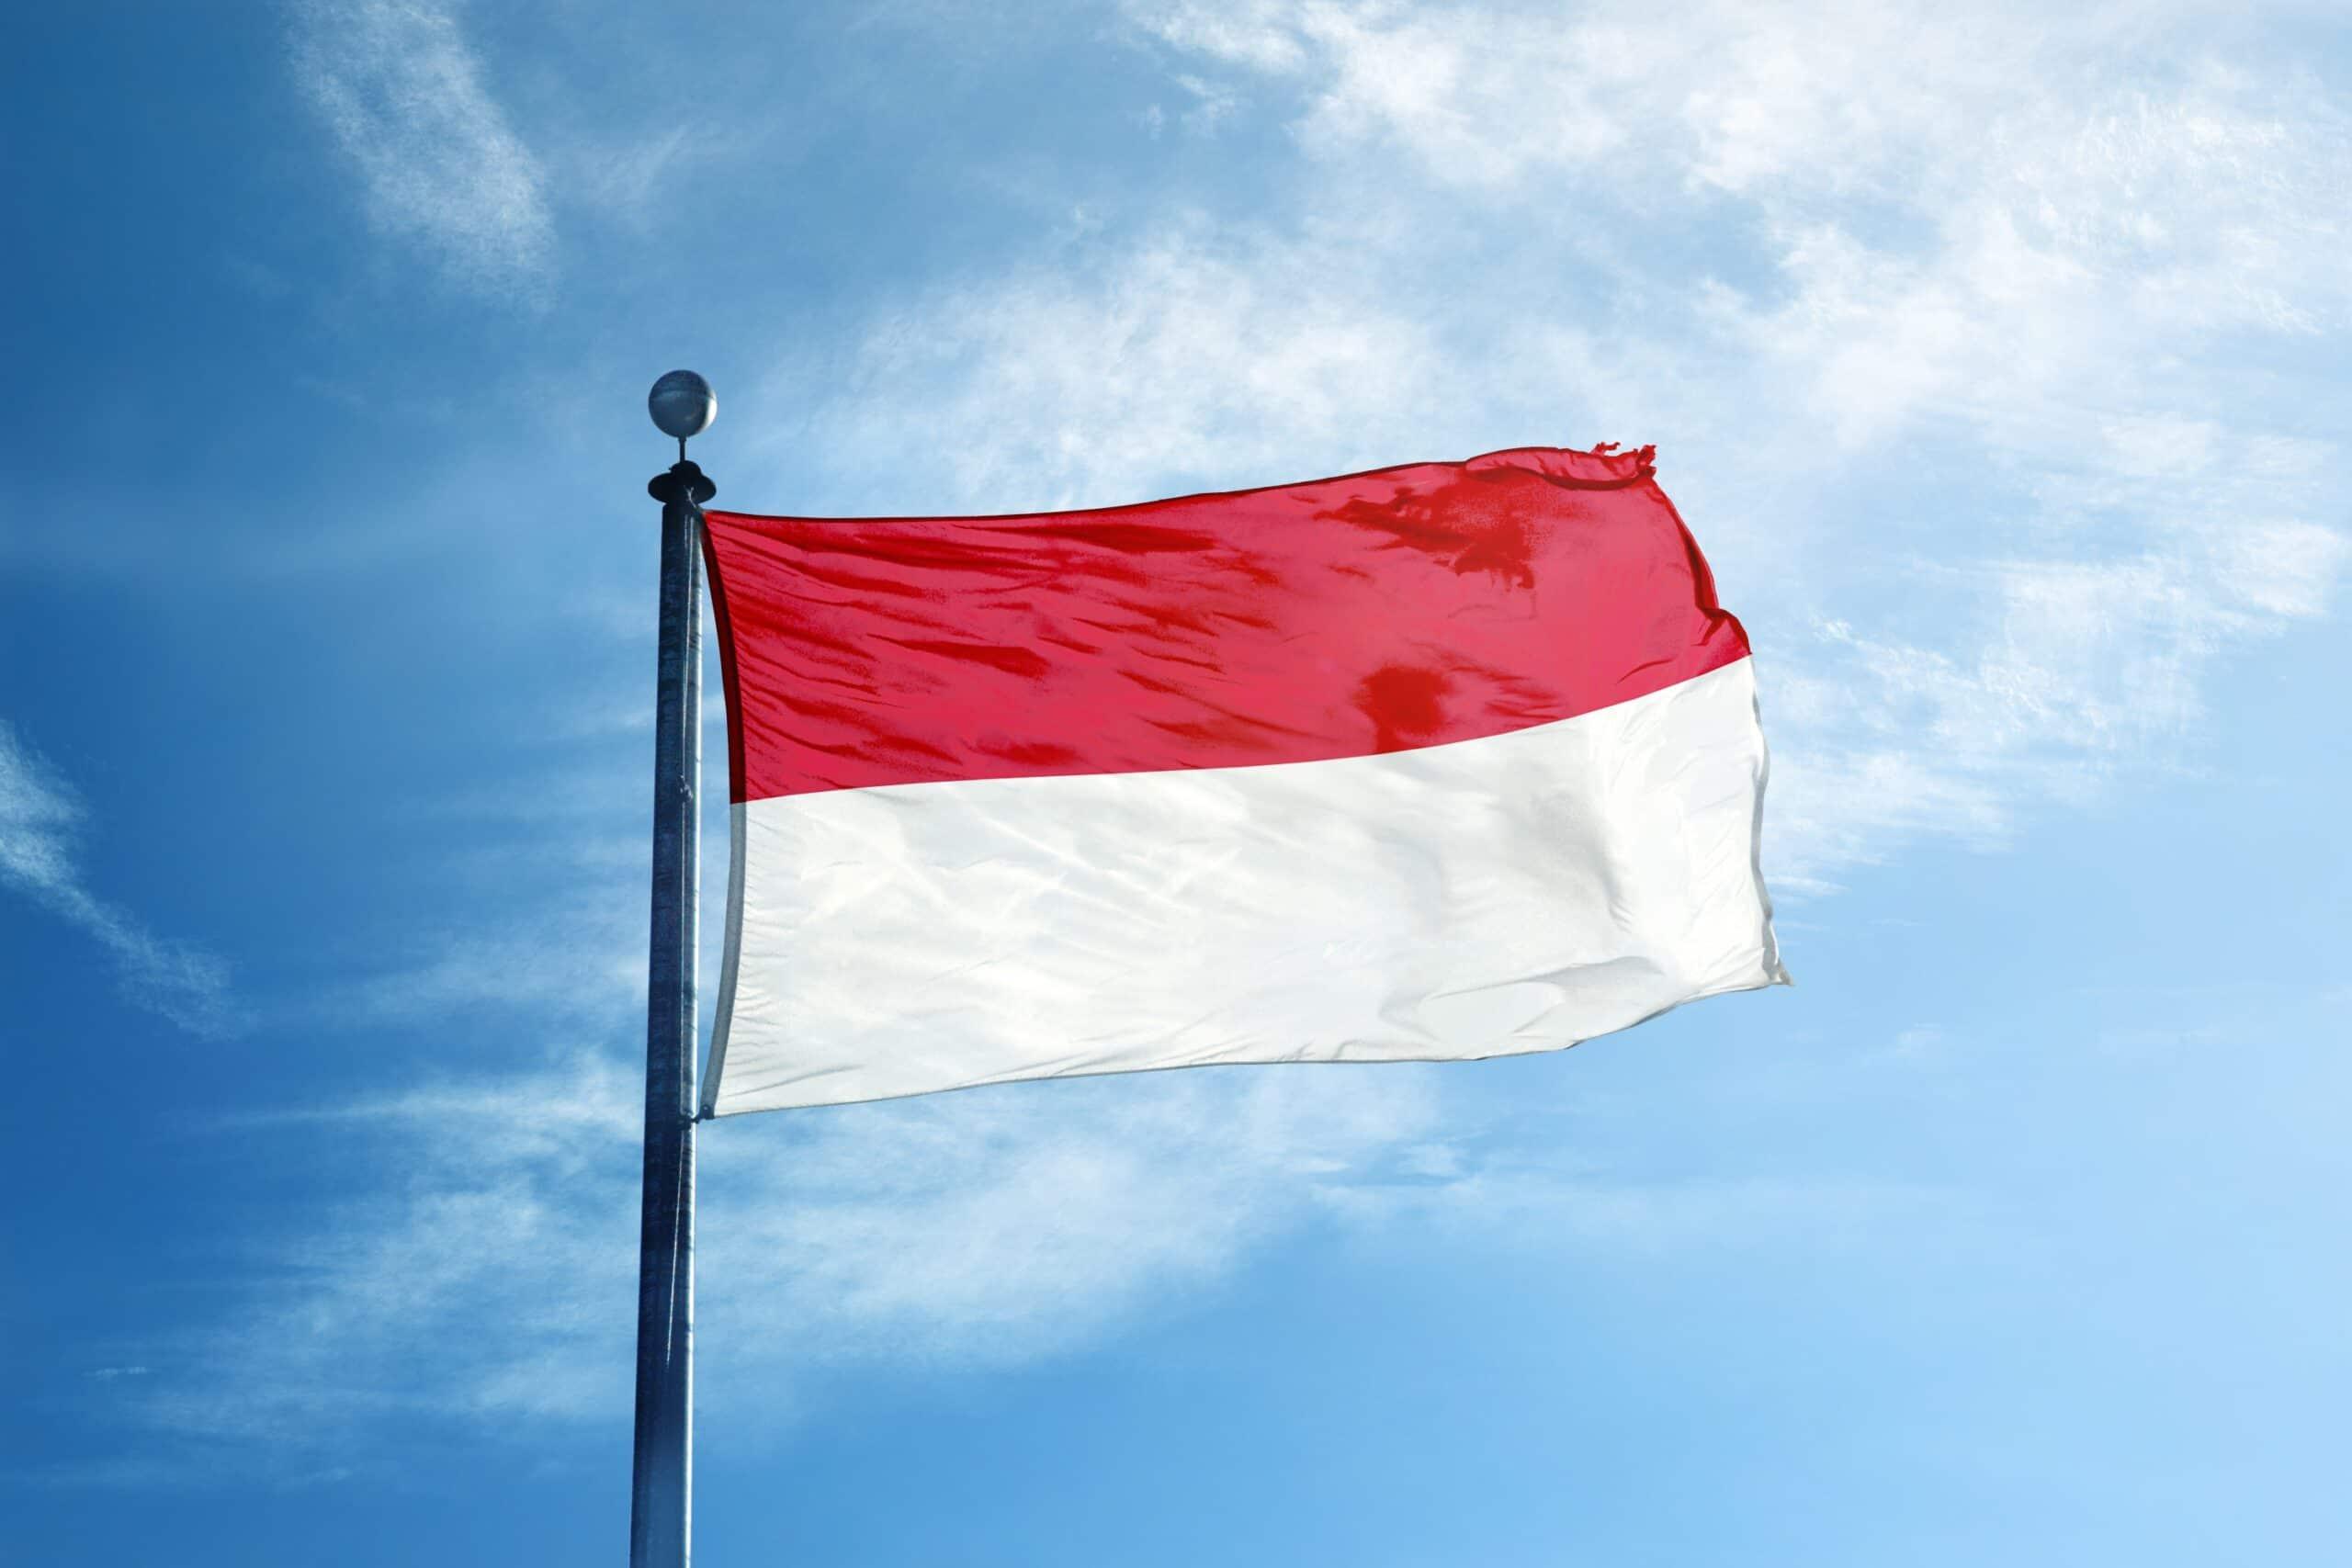 Bandeira da Indonésia